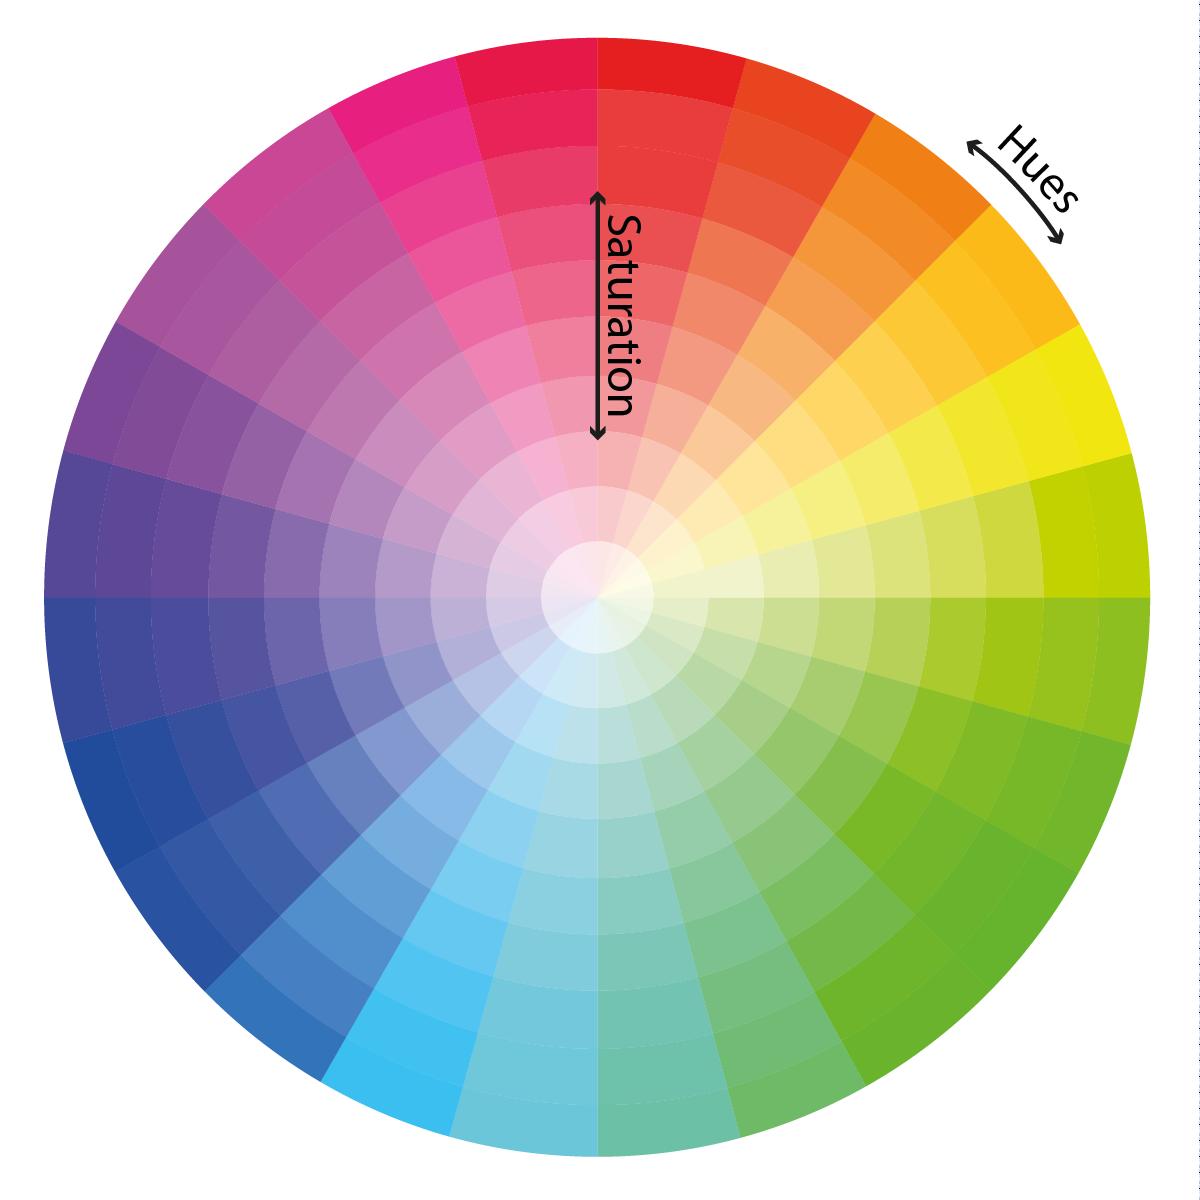 vers l u2019harmonie d u2019une palette   couleurs compl u00e9mentaires